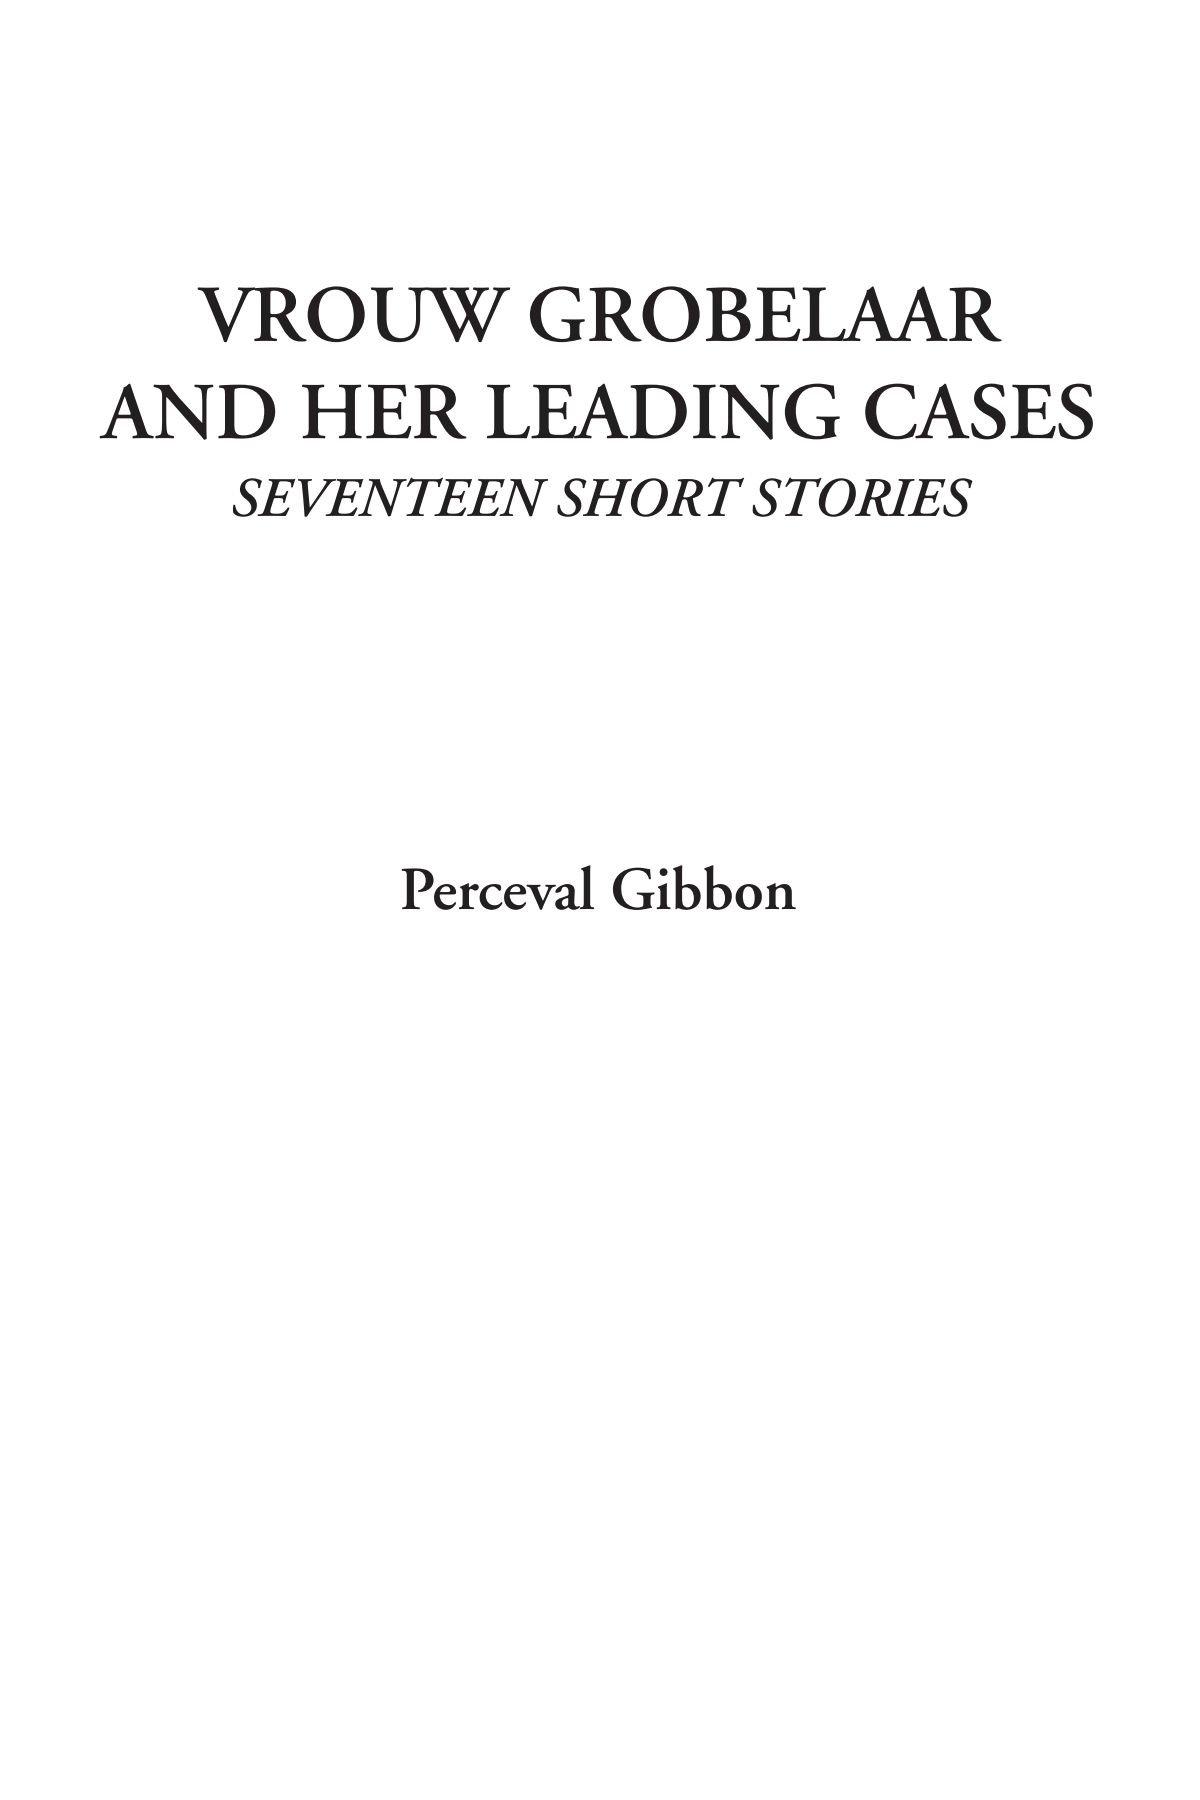 Download Vrouw Grobelaar and Her Leading Cases (Seventeen Short Stories) ebook